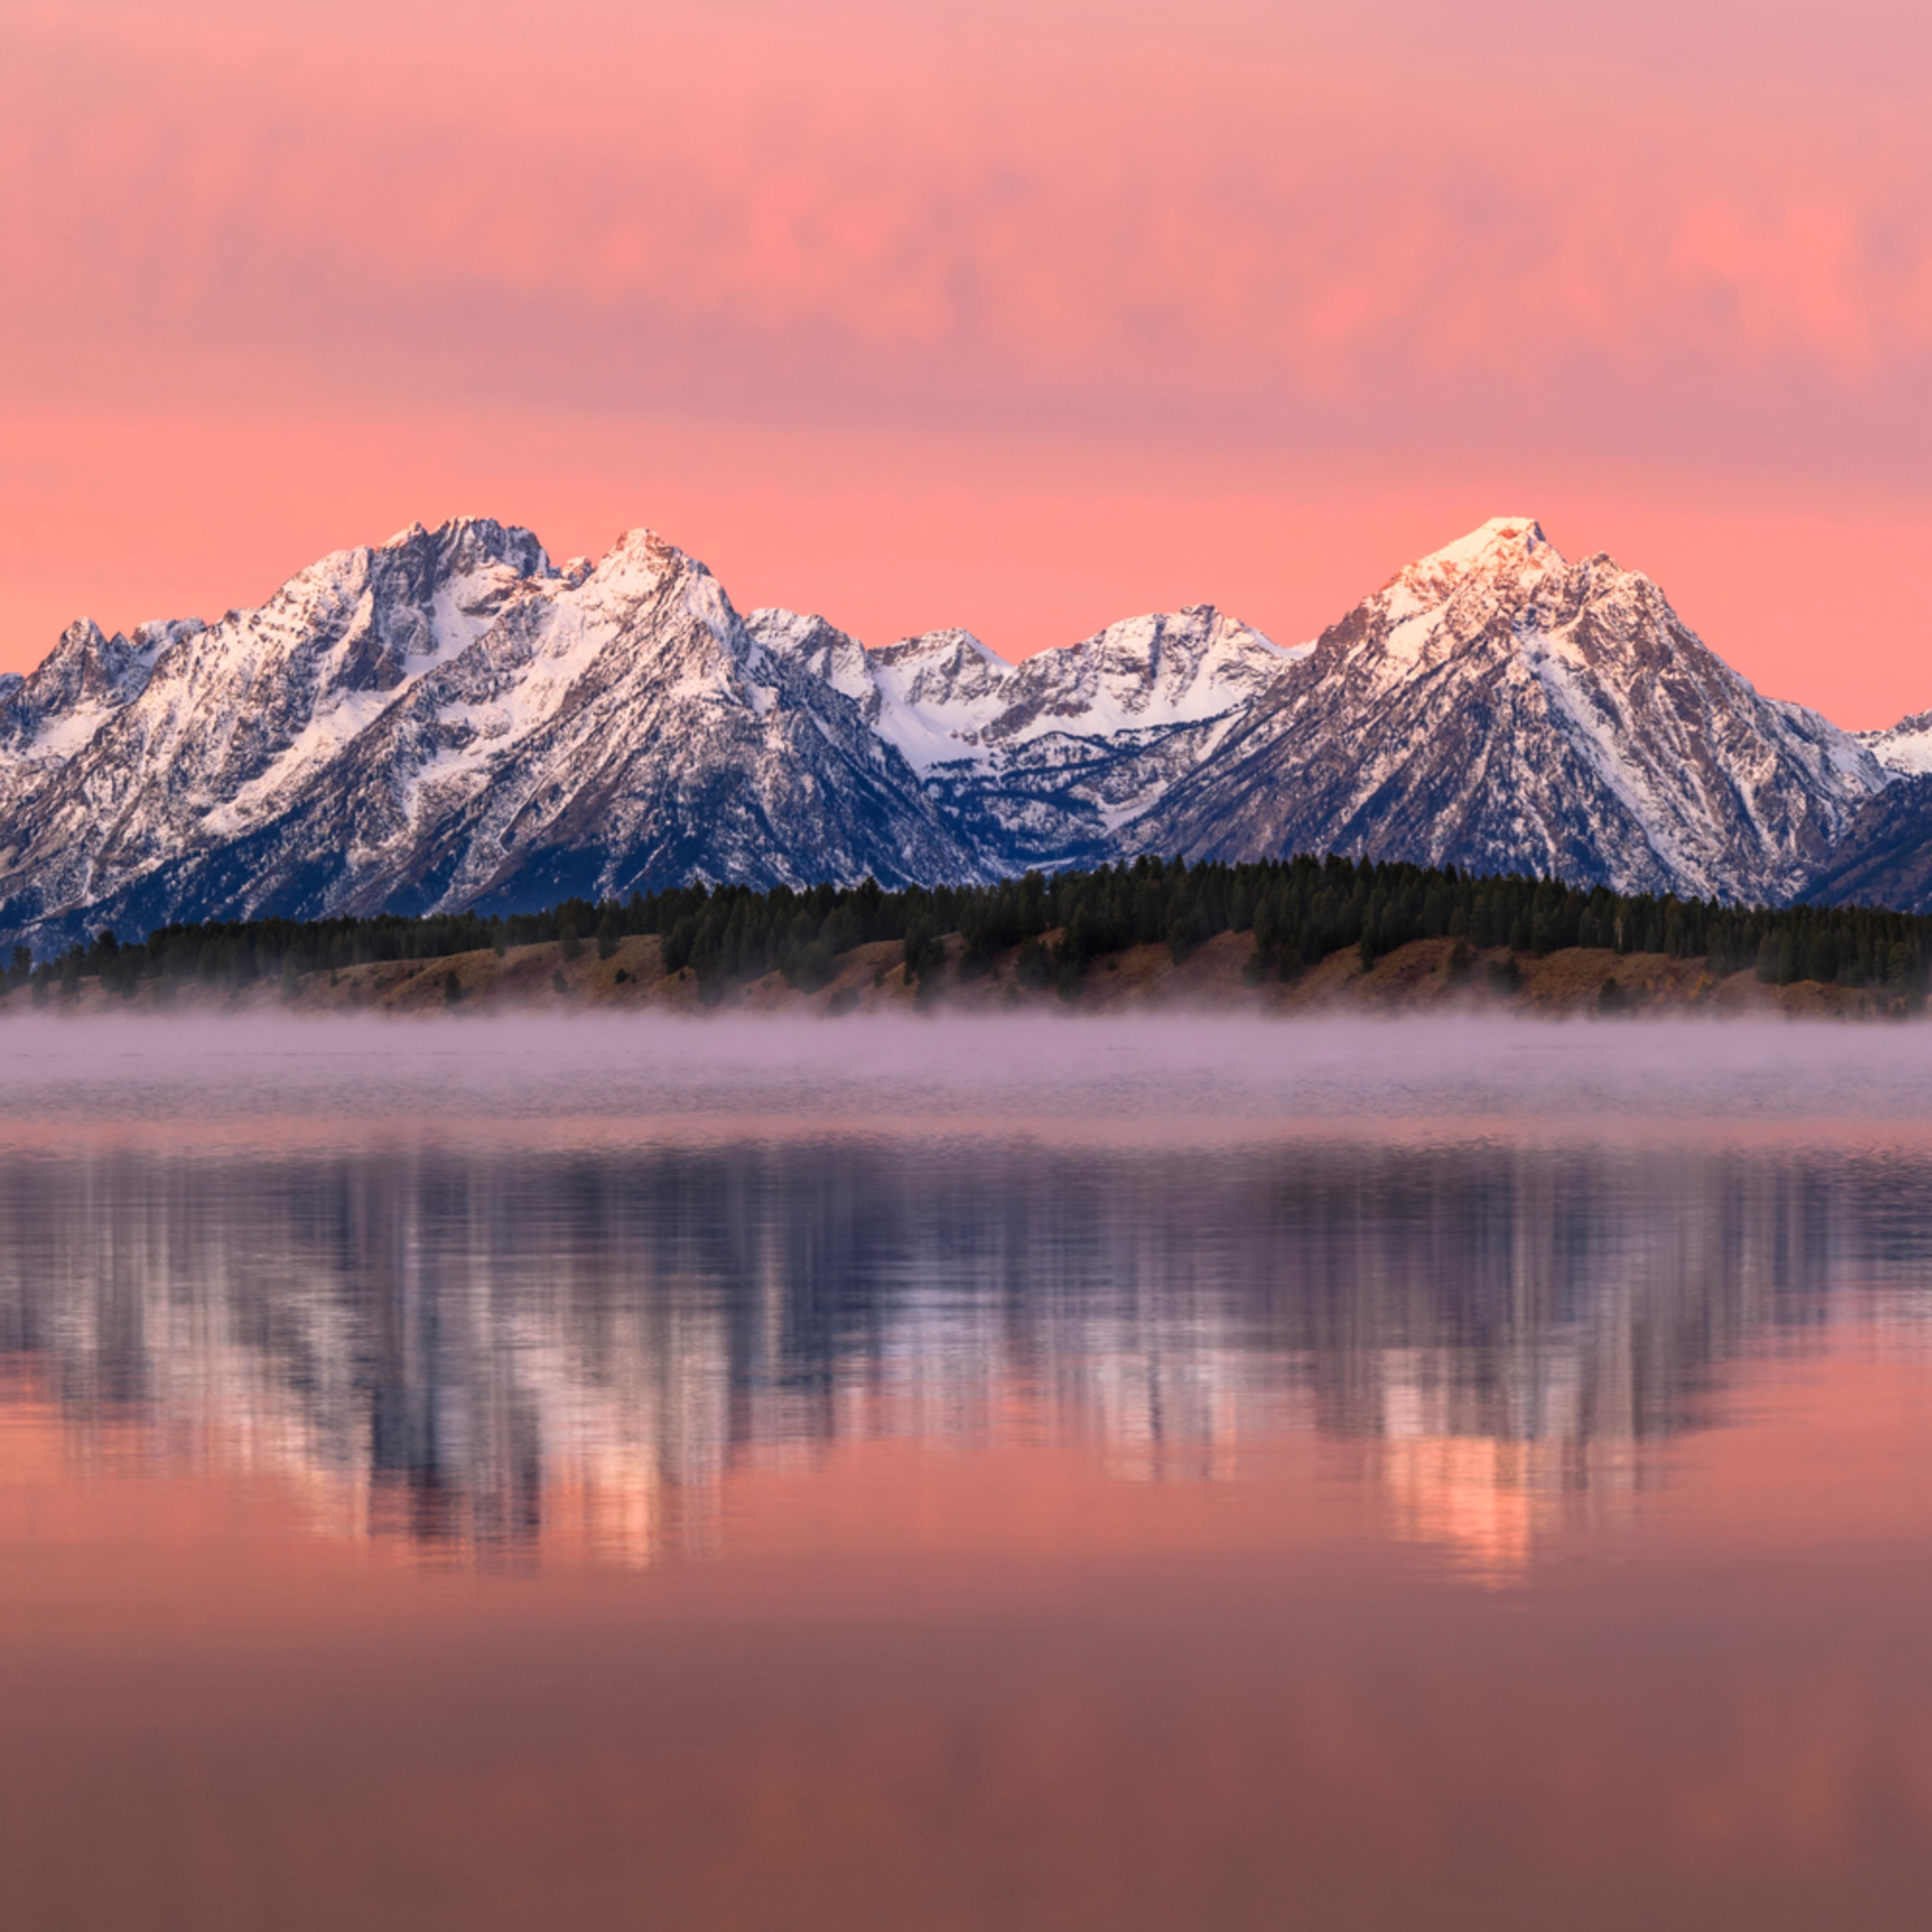 1954 teton morning glow panorama 3 112524 x 4175 jpg 100 adobe rgb  j6hxtx